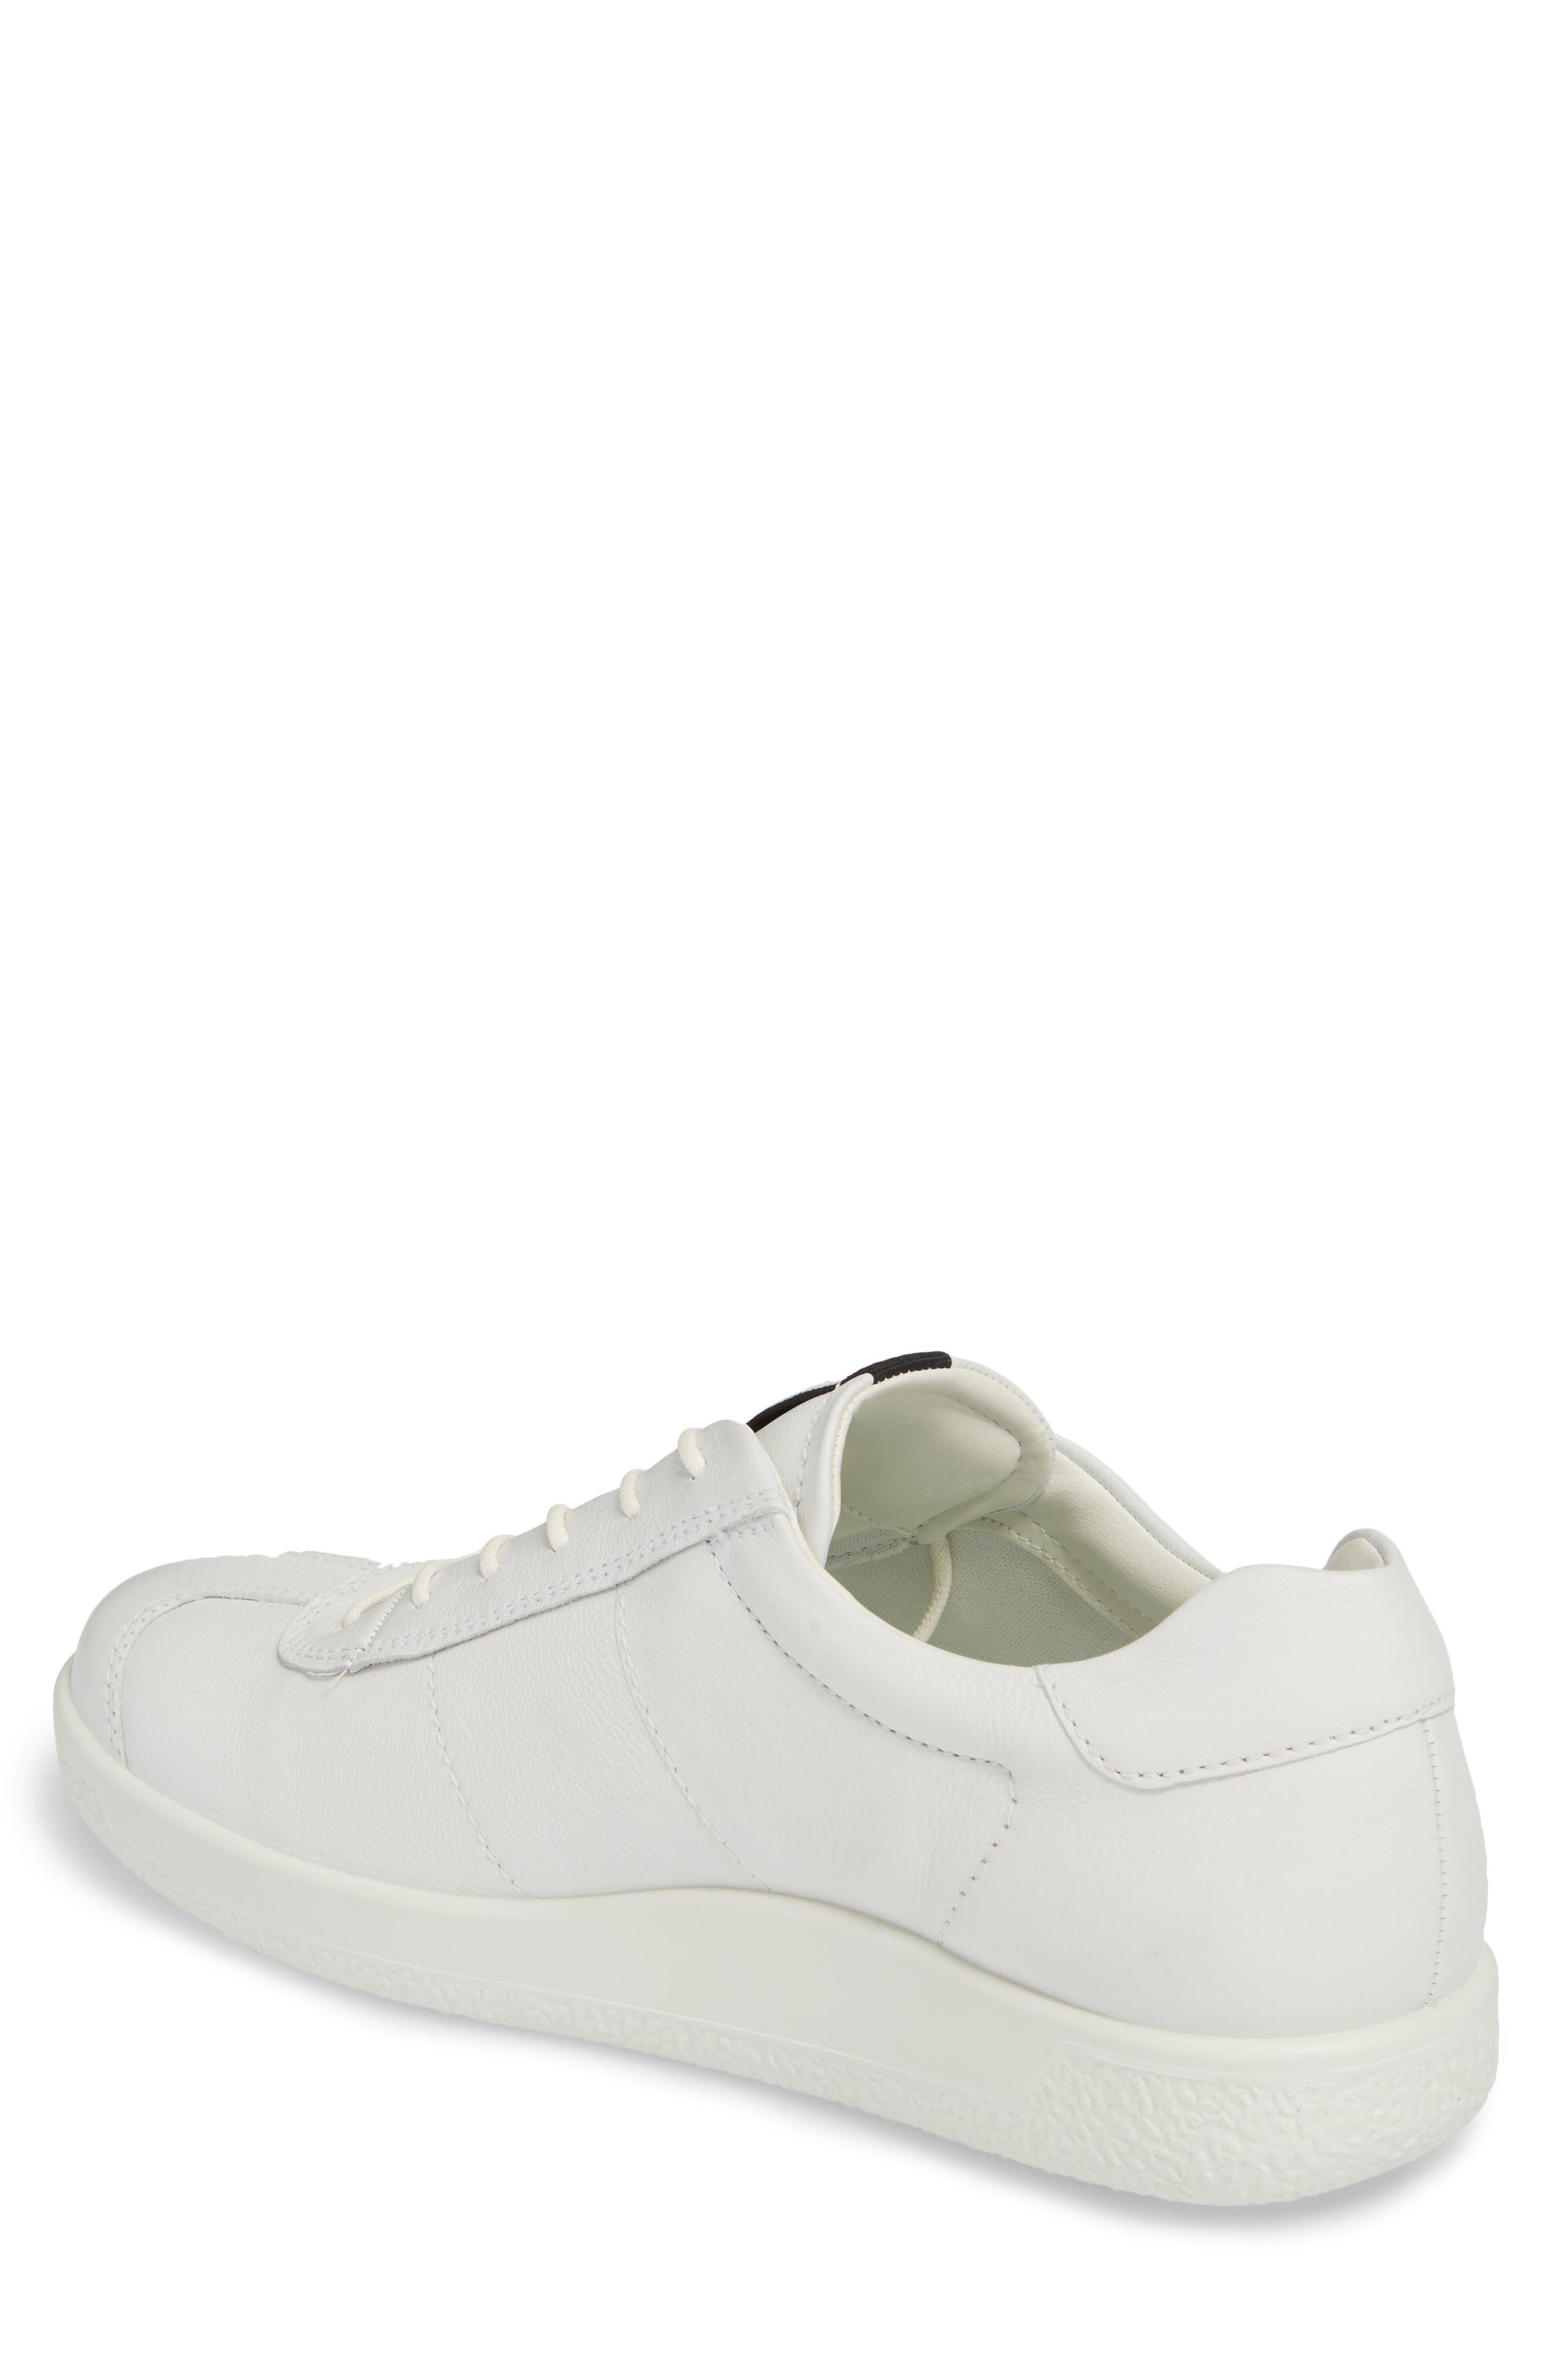 Soft 1 Sneaker,                             Alternate thumbnail 7, color,